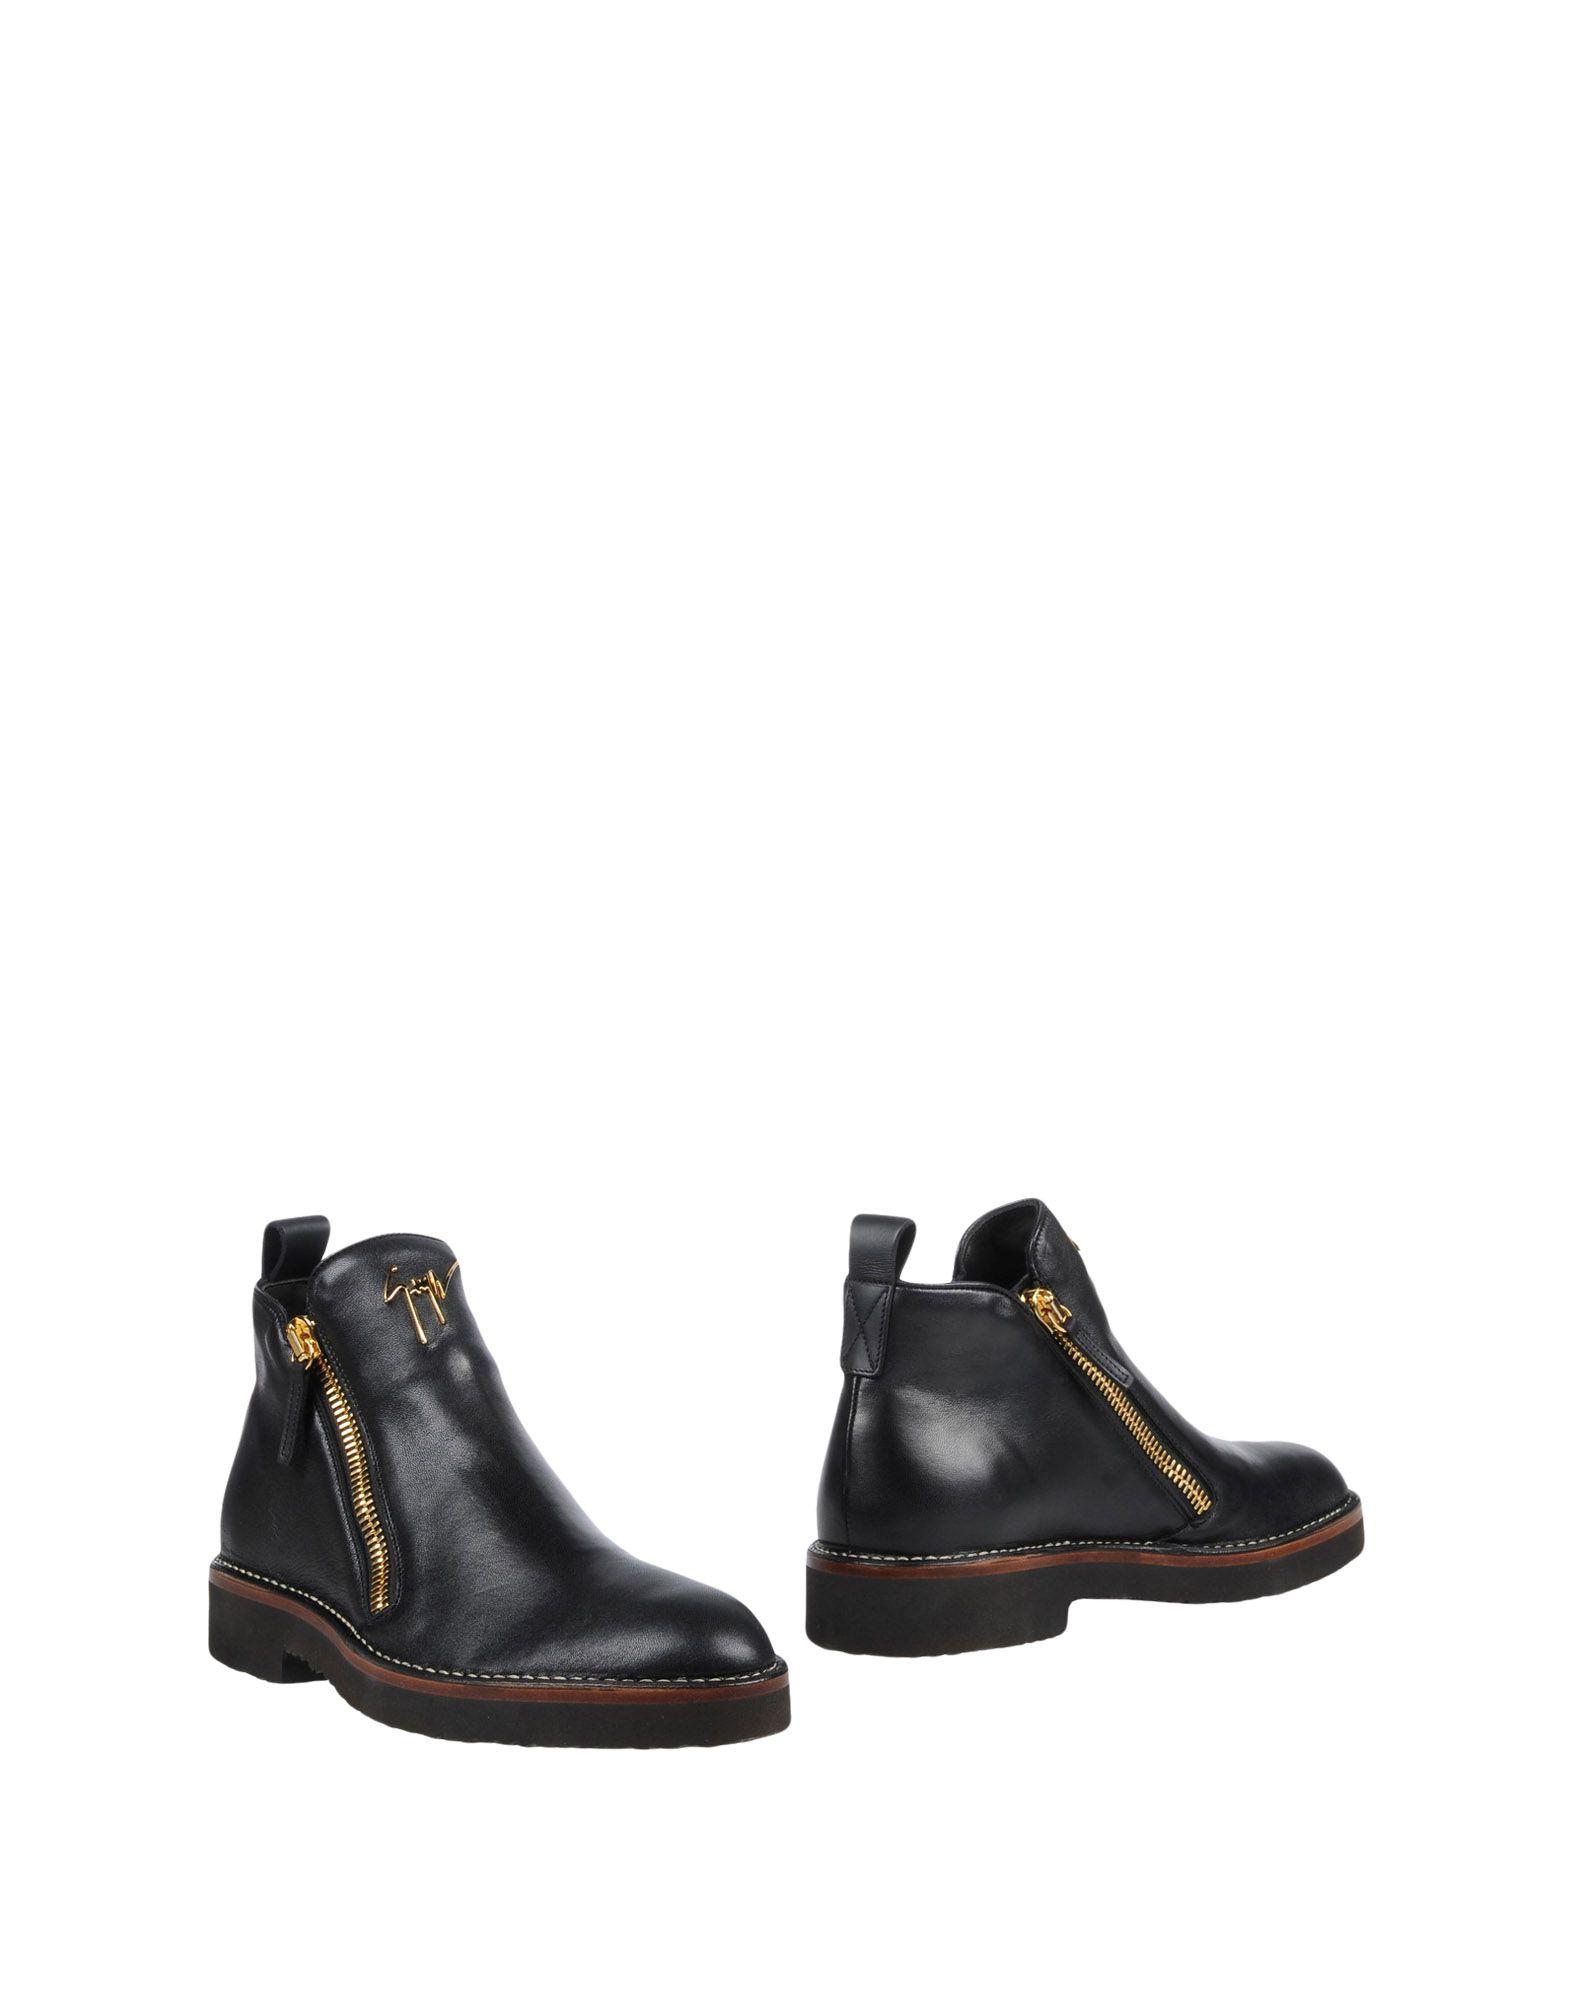 Giuseppe Zanotti Stiefelette Herren  11447413KO Gute Qualität beliebte Schuhe